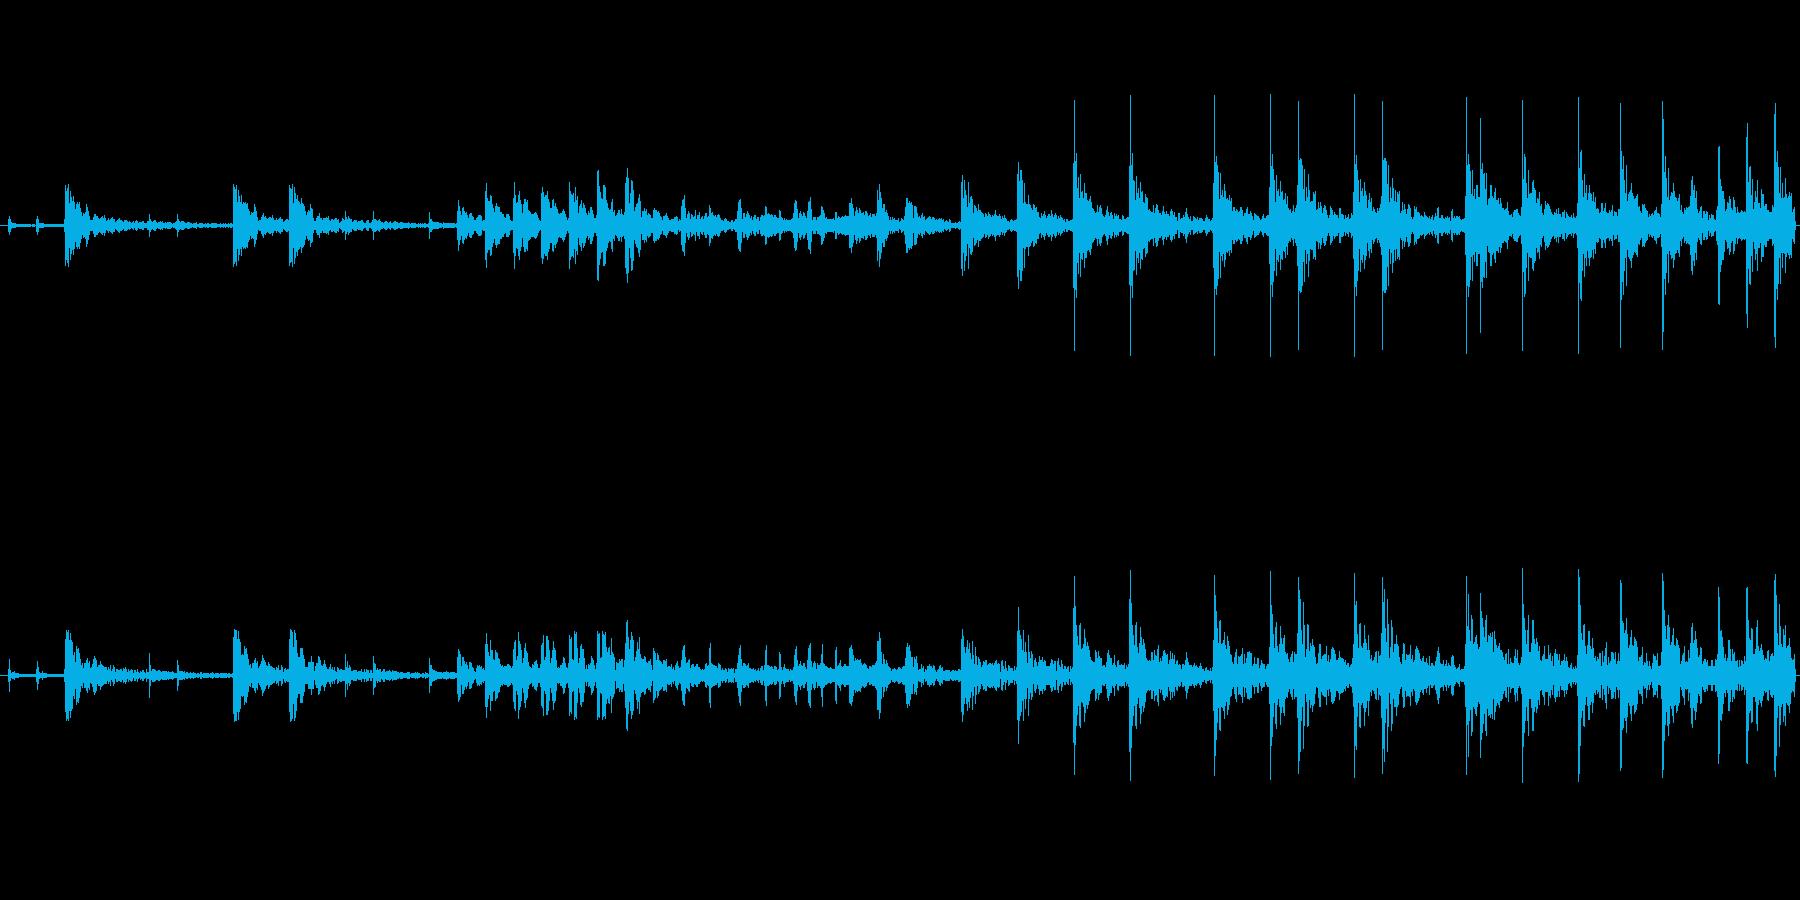 和太鼓のみのリバーブありのループ音源バ…の再生済みの波形